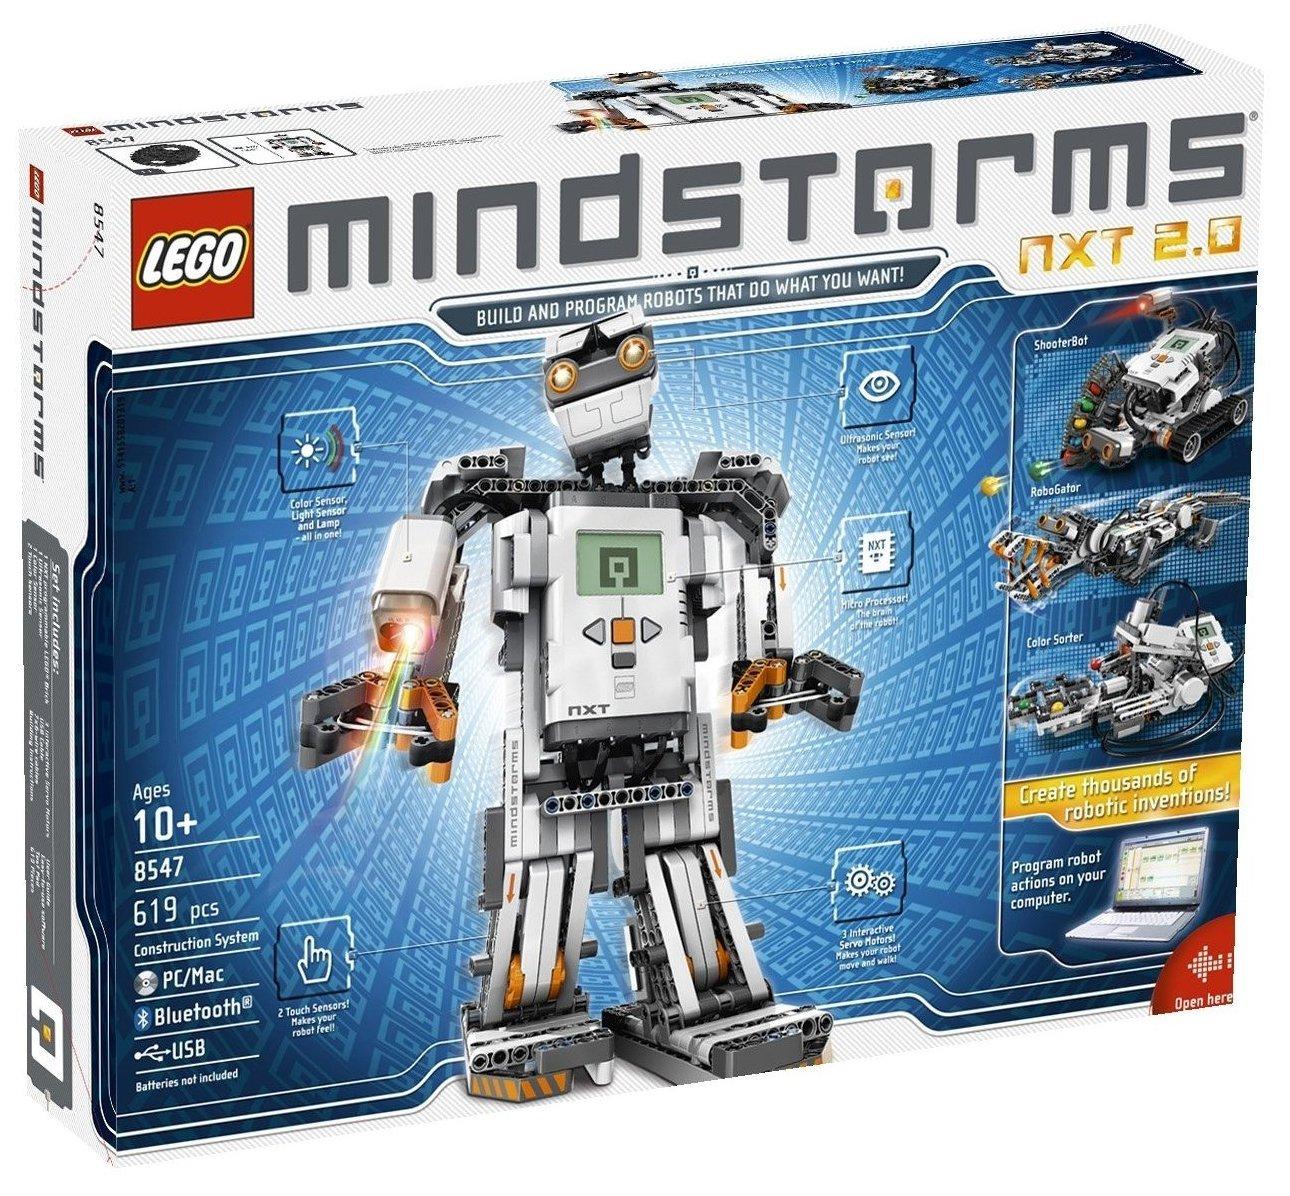 An older version of Lego Mindstorms.